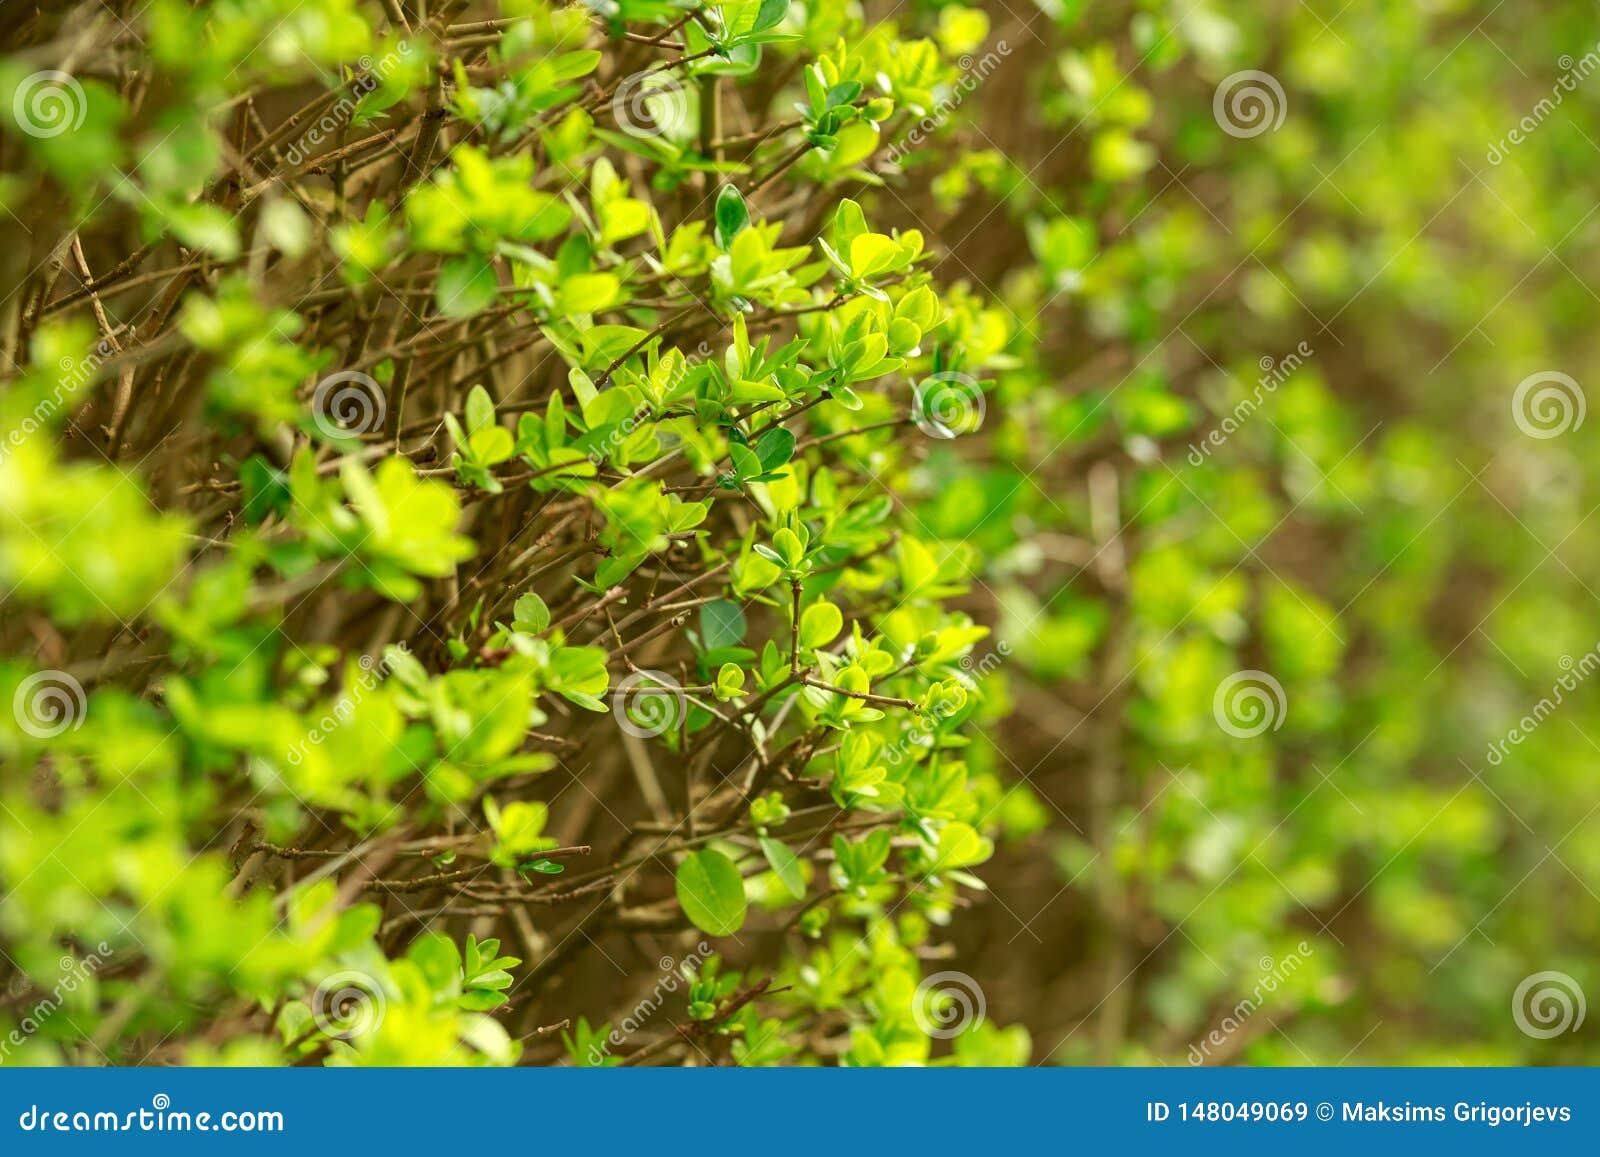 Green leaf pattern on spring bush, nature concept